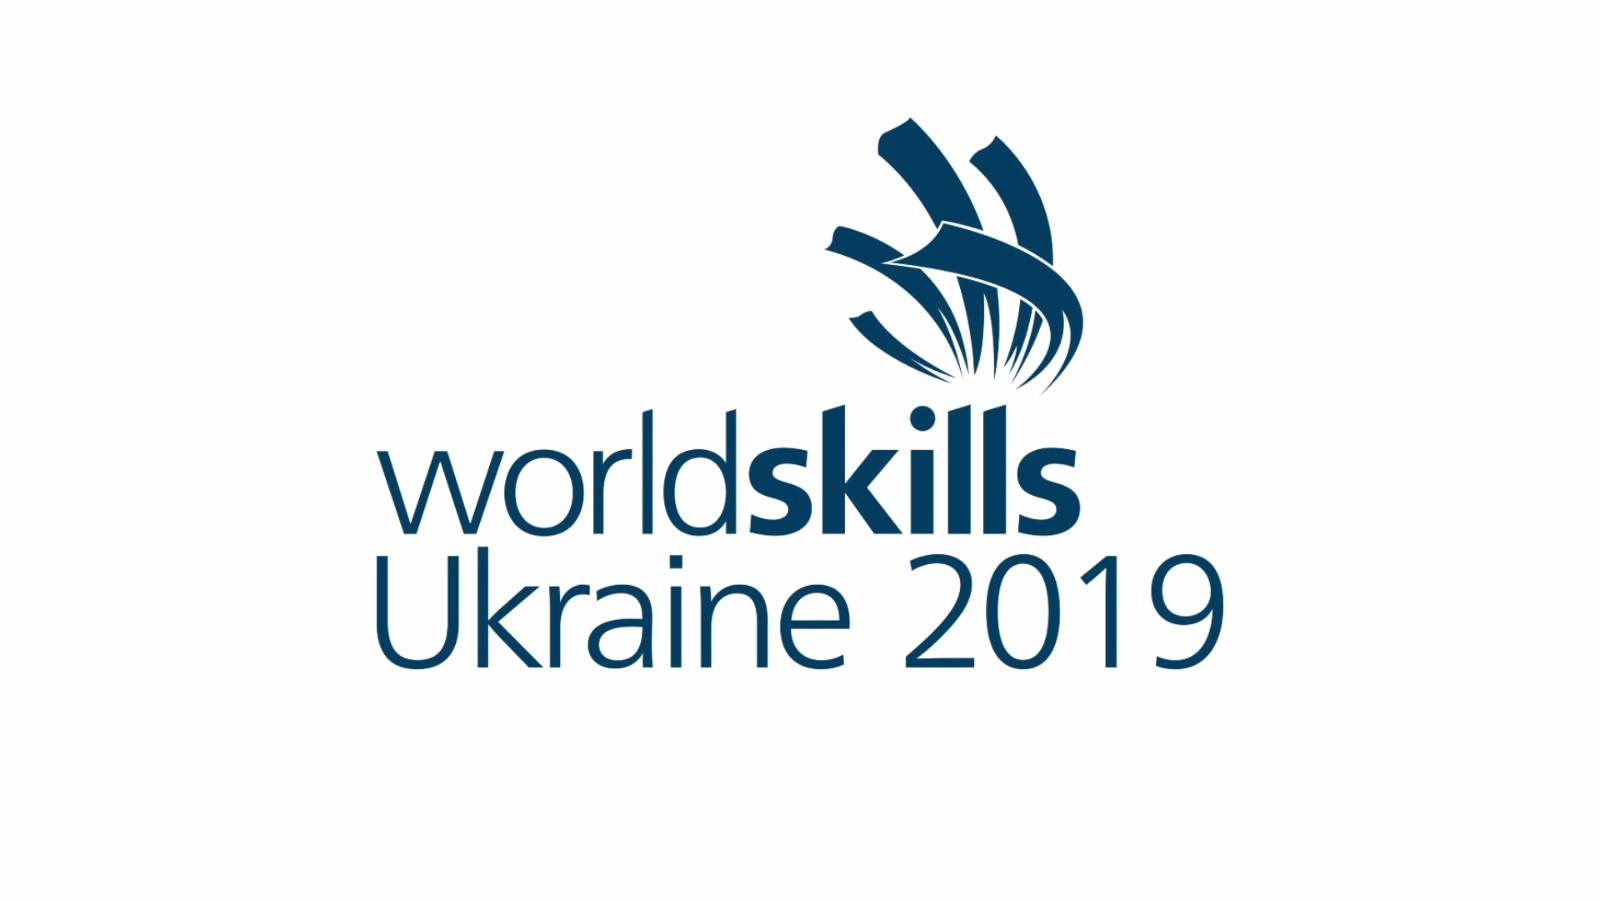 Регіональний відбір WorldSkills Ukraine-2019: Донецька область. Нагородження переможців